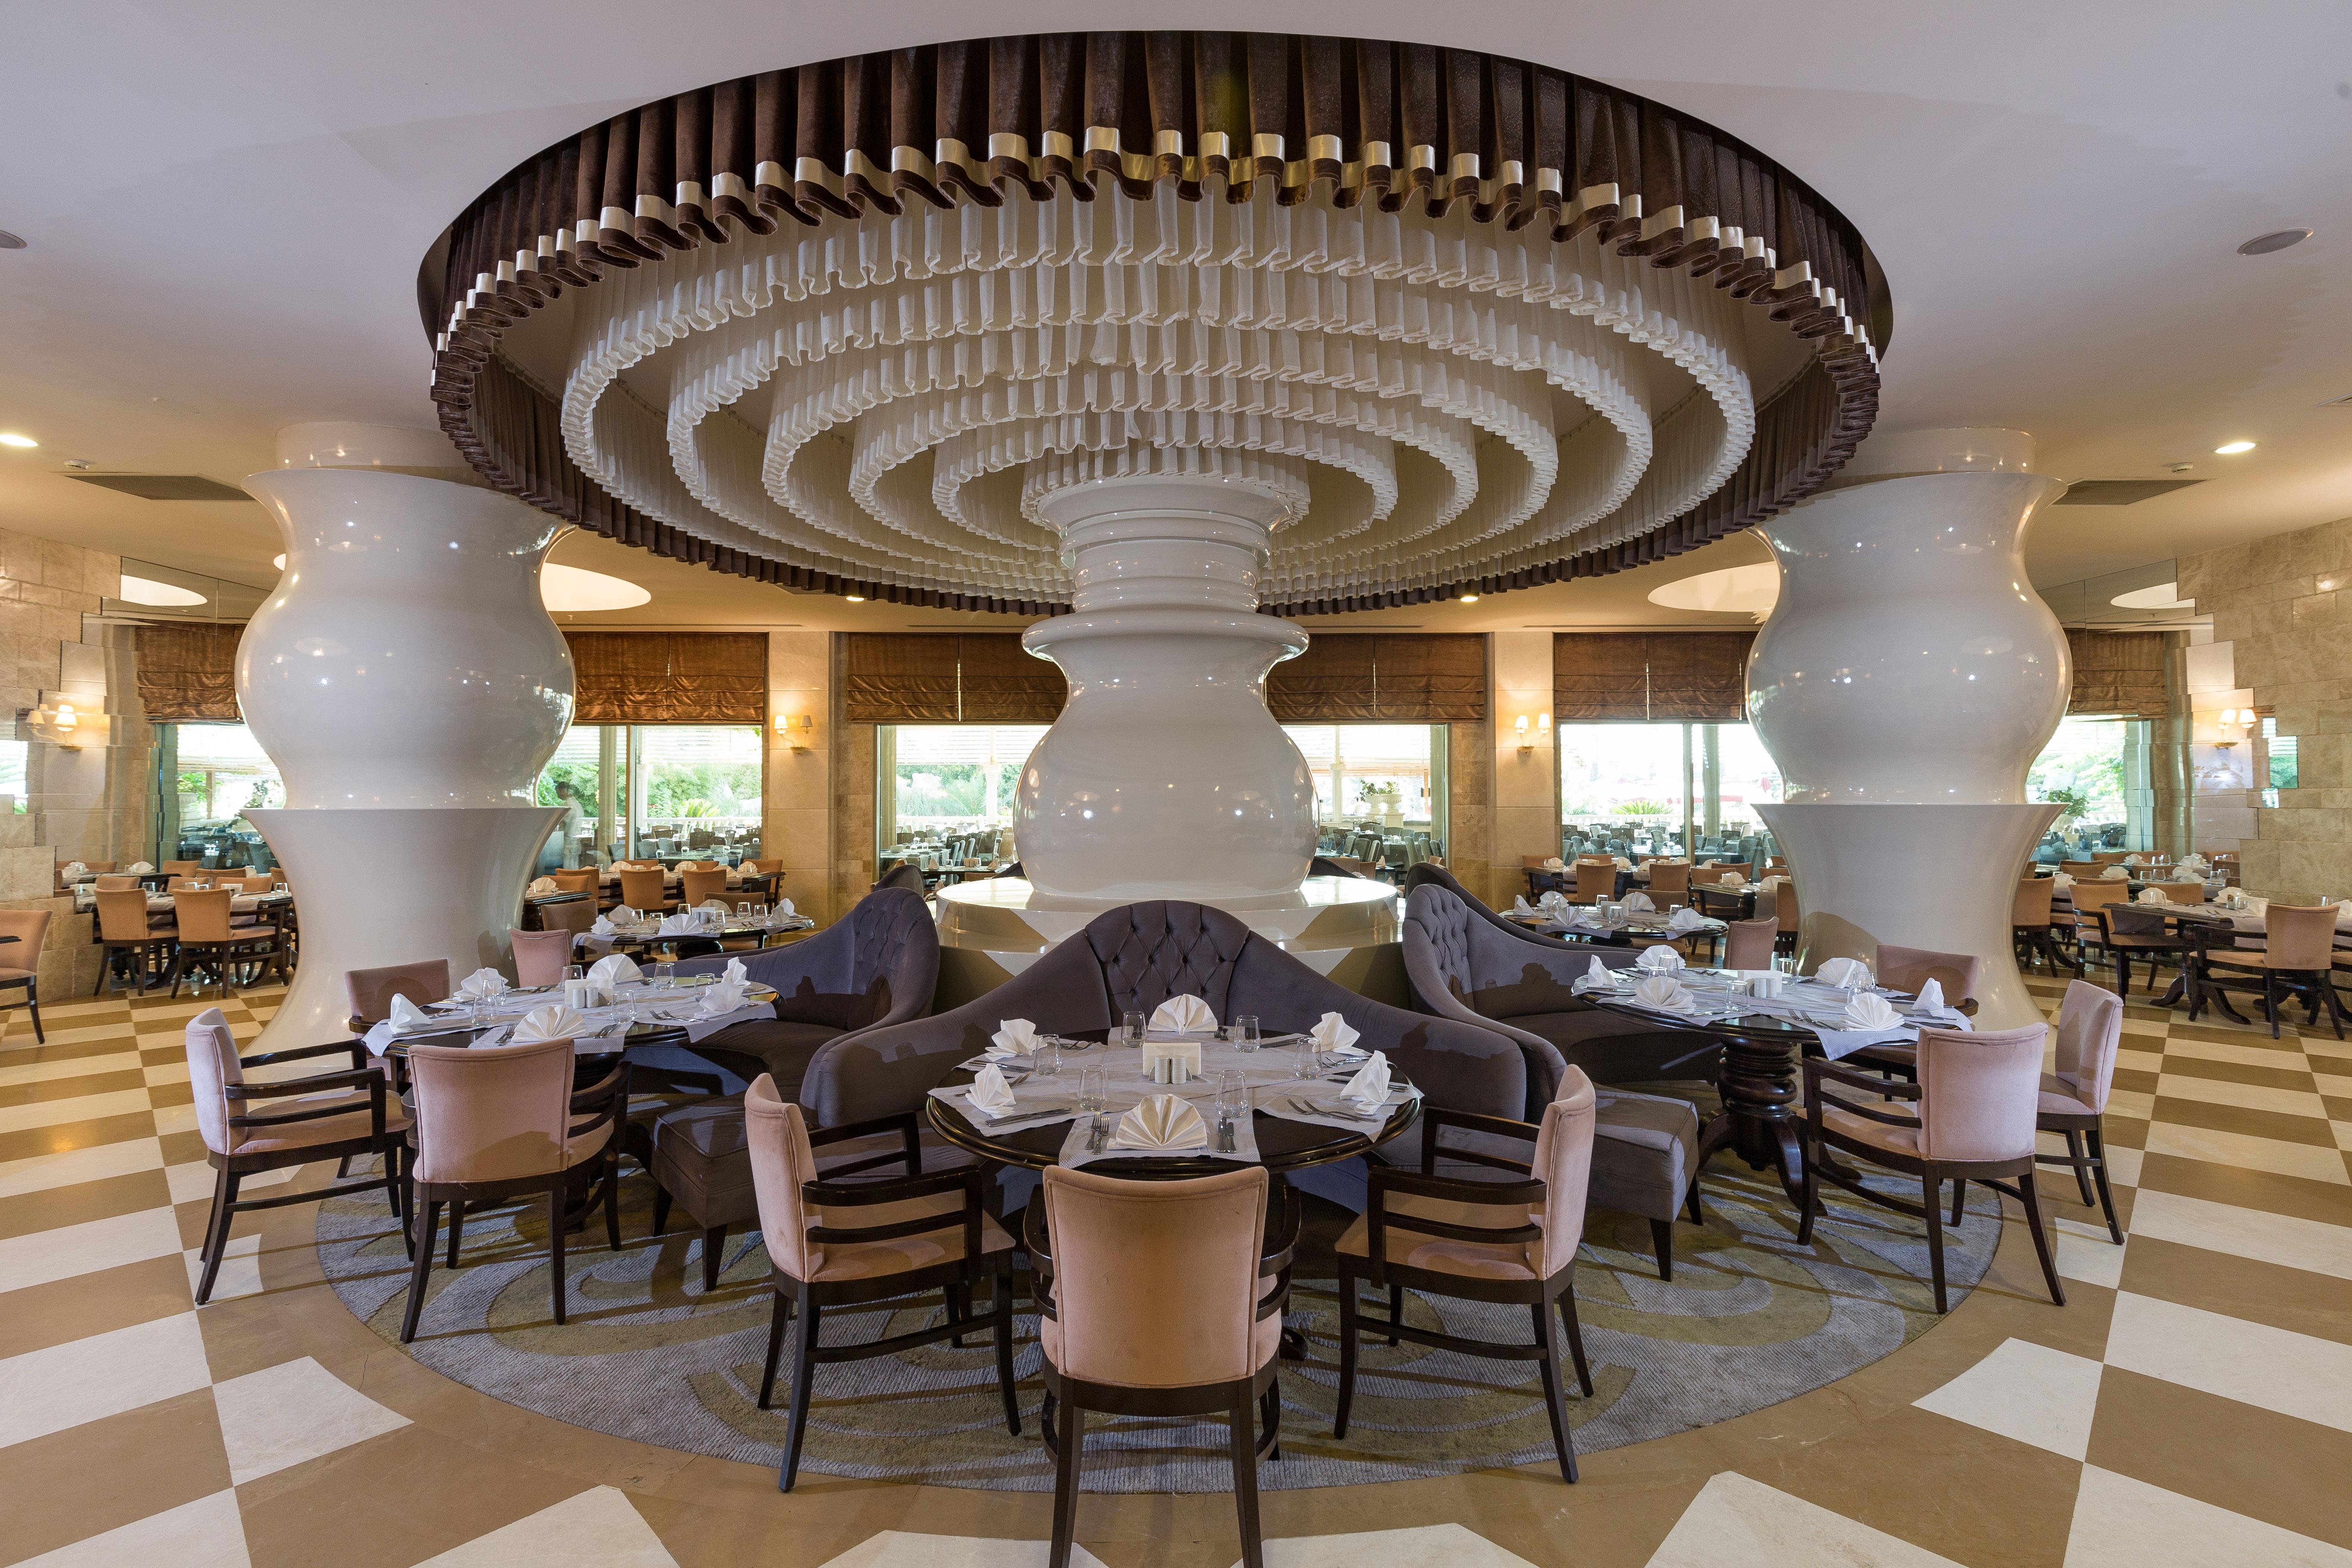 Фото нового отеля Vogue Hotel Bodrum 5*, Бодрум, Турция, рестораны и кухня